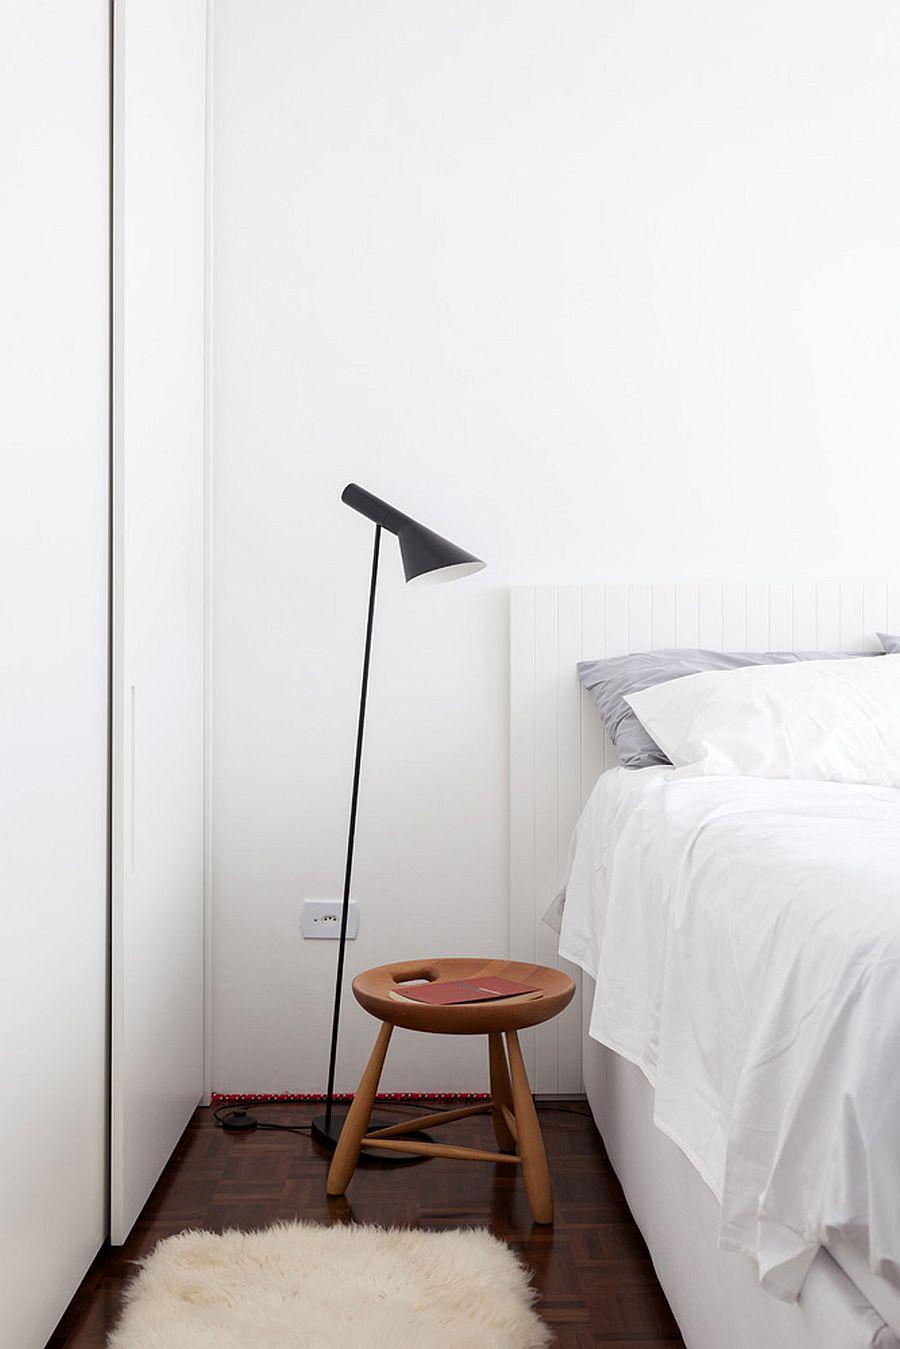 Trong phòng ngủ nhỏ màu trắng, giường chiếm phần lớn diện tích. Đèn sàn màu đen tạo sự tương phản thú vị về mặt thị giác.